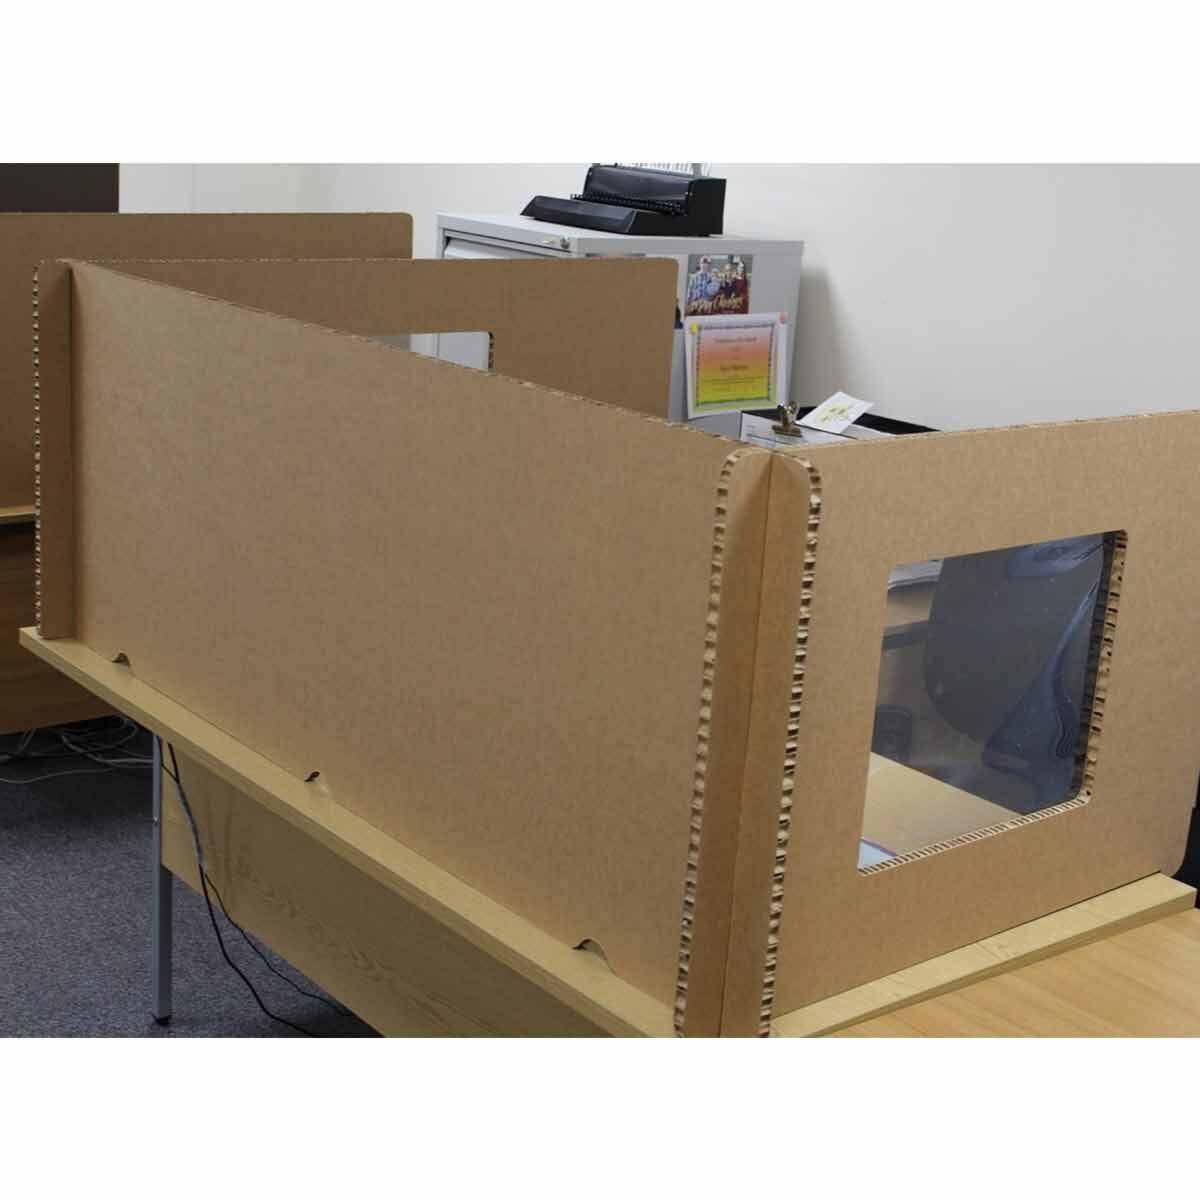 Pallite Desk Screen Set for 1200mm x 800mm Desk